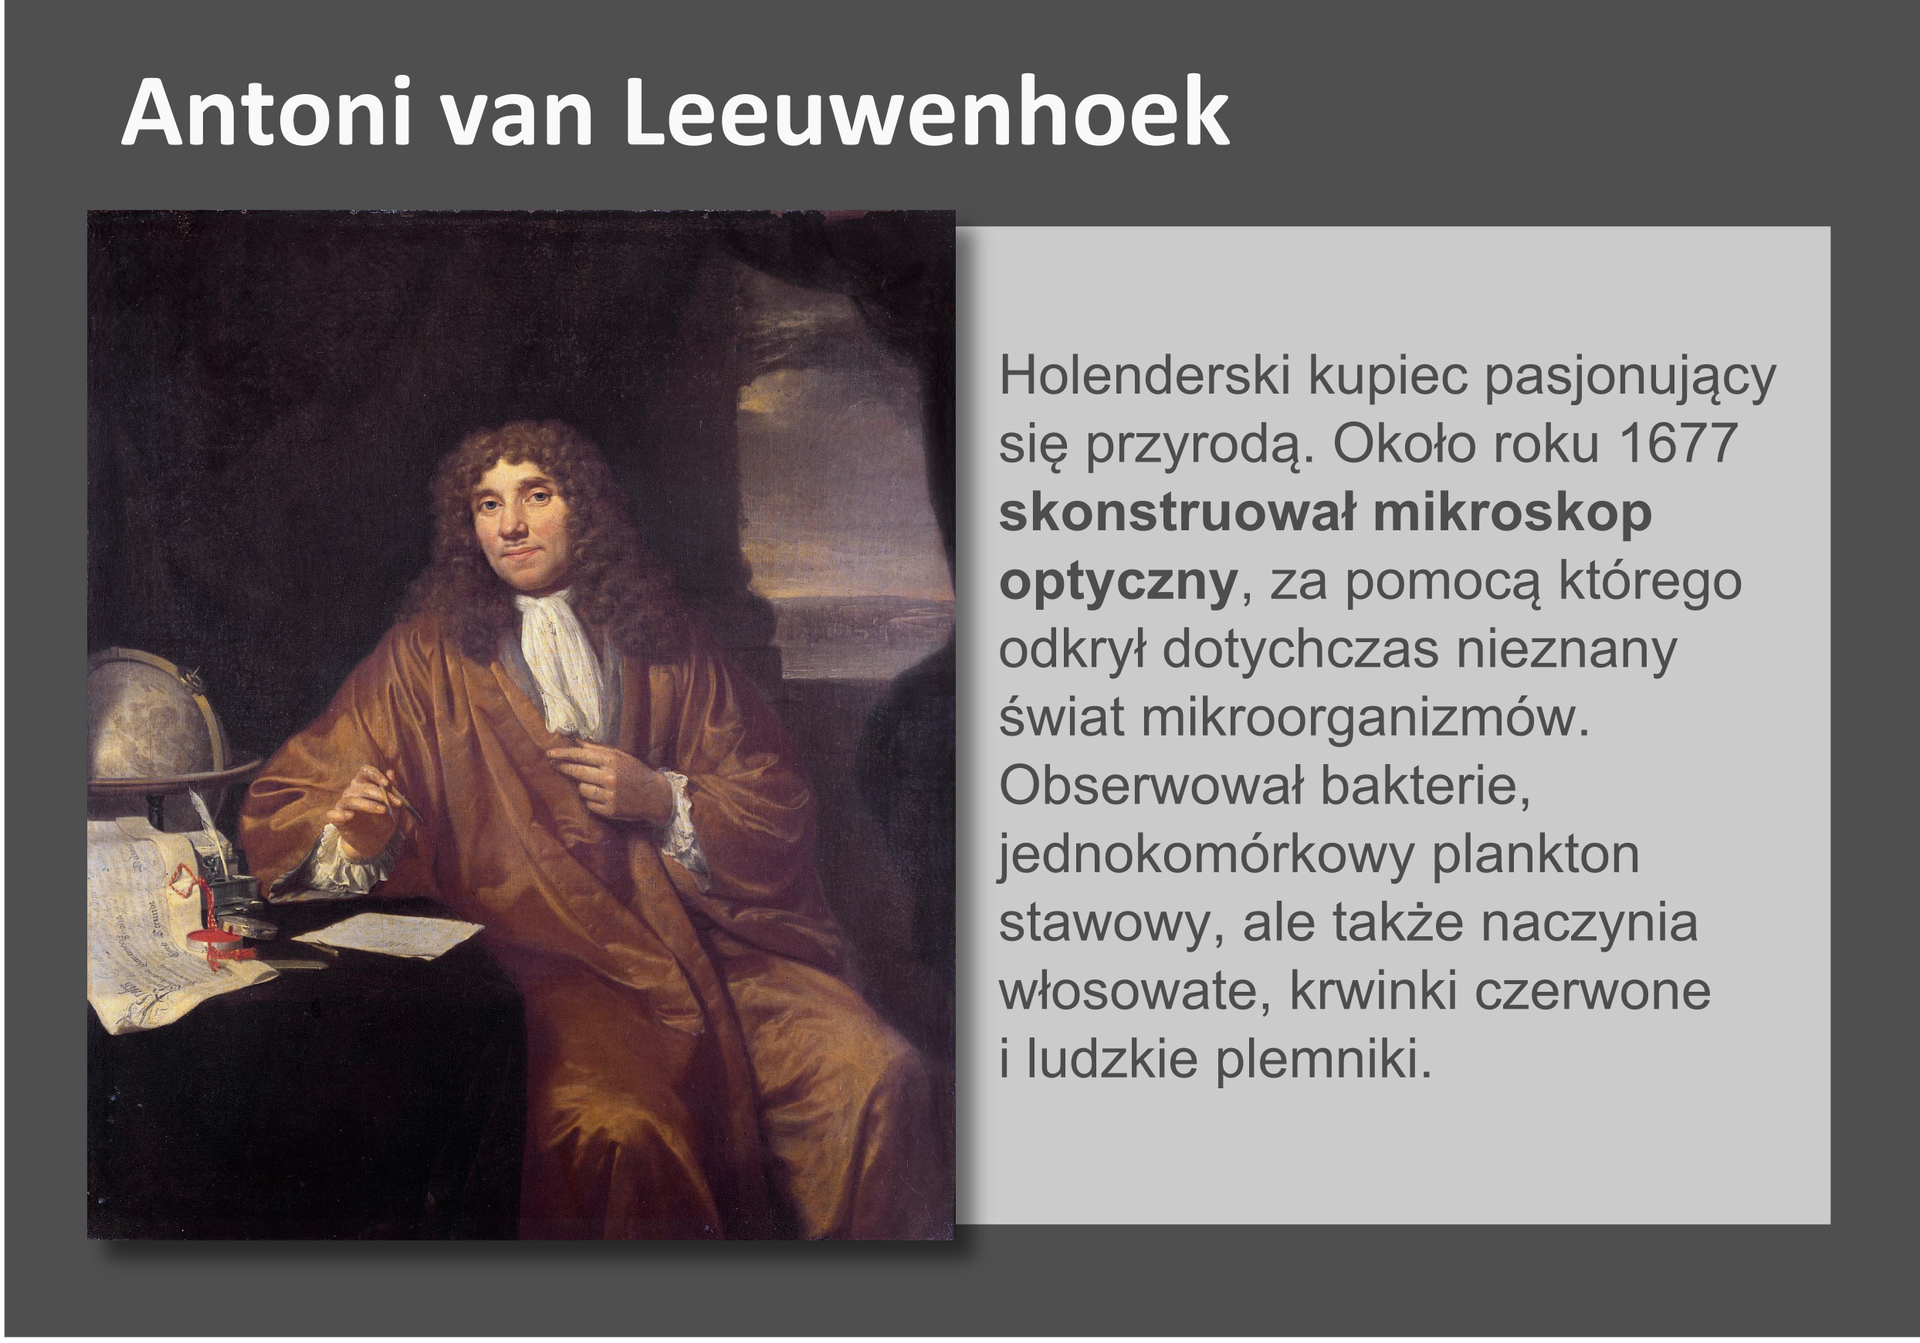 Galeria przedstawia pionierów nauk przyrodniczych. Składa się zdziewięciu slajdów wpostaci ilustracji iumieszczonego obok opisu. Ilustracje pojawiają się kolejno, kiedy klika się wstrzałki, znajdujące się po prawej ilewej stronie ilustracji. Drugi slajd przedstawia Antoniego van Leewenhoeka, holenderskiego kupca, który żył wsiedemnastym wieku ipasjonował się przyrodą. Skonstruował pierwszy mikroskop, przy pomocy którego obserwował bakterie, plankton, naczynia krwionośne ikrwinki, anawet plemniki. Badacz ubrany wdługą, brązową szatę siedzi przy stoliku, na którym leżą papiery, stoi kałamarz zatramentem igęsim piórem oraz stoi globus.